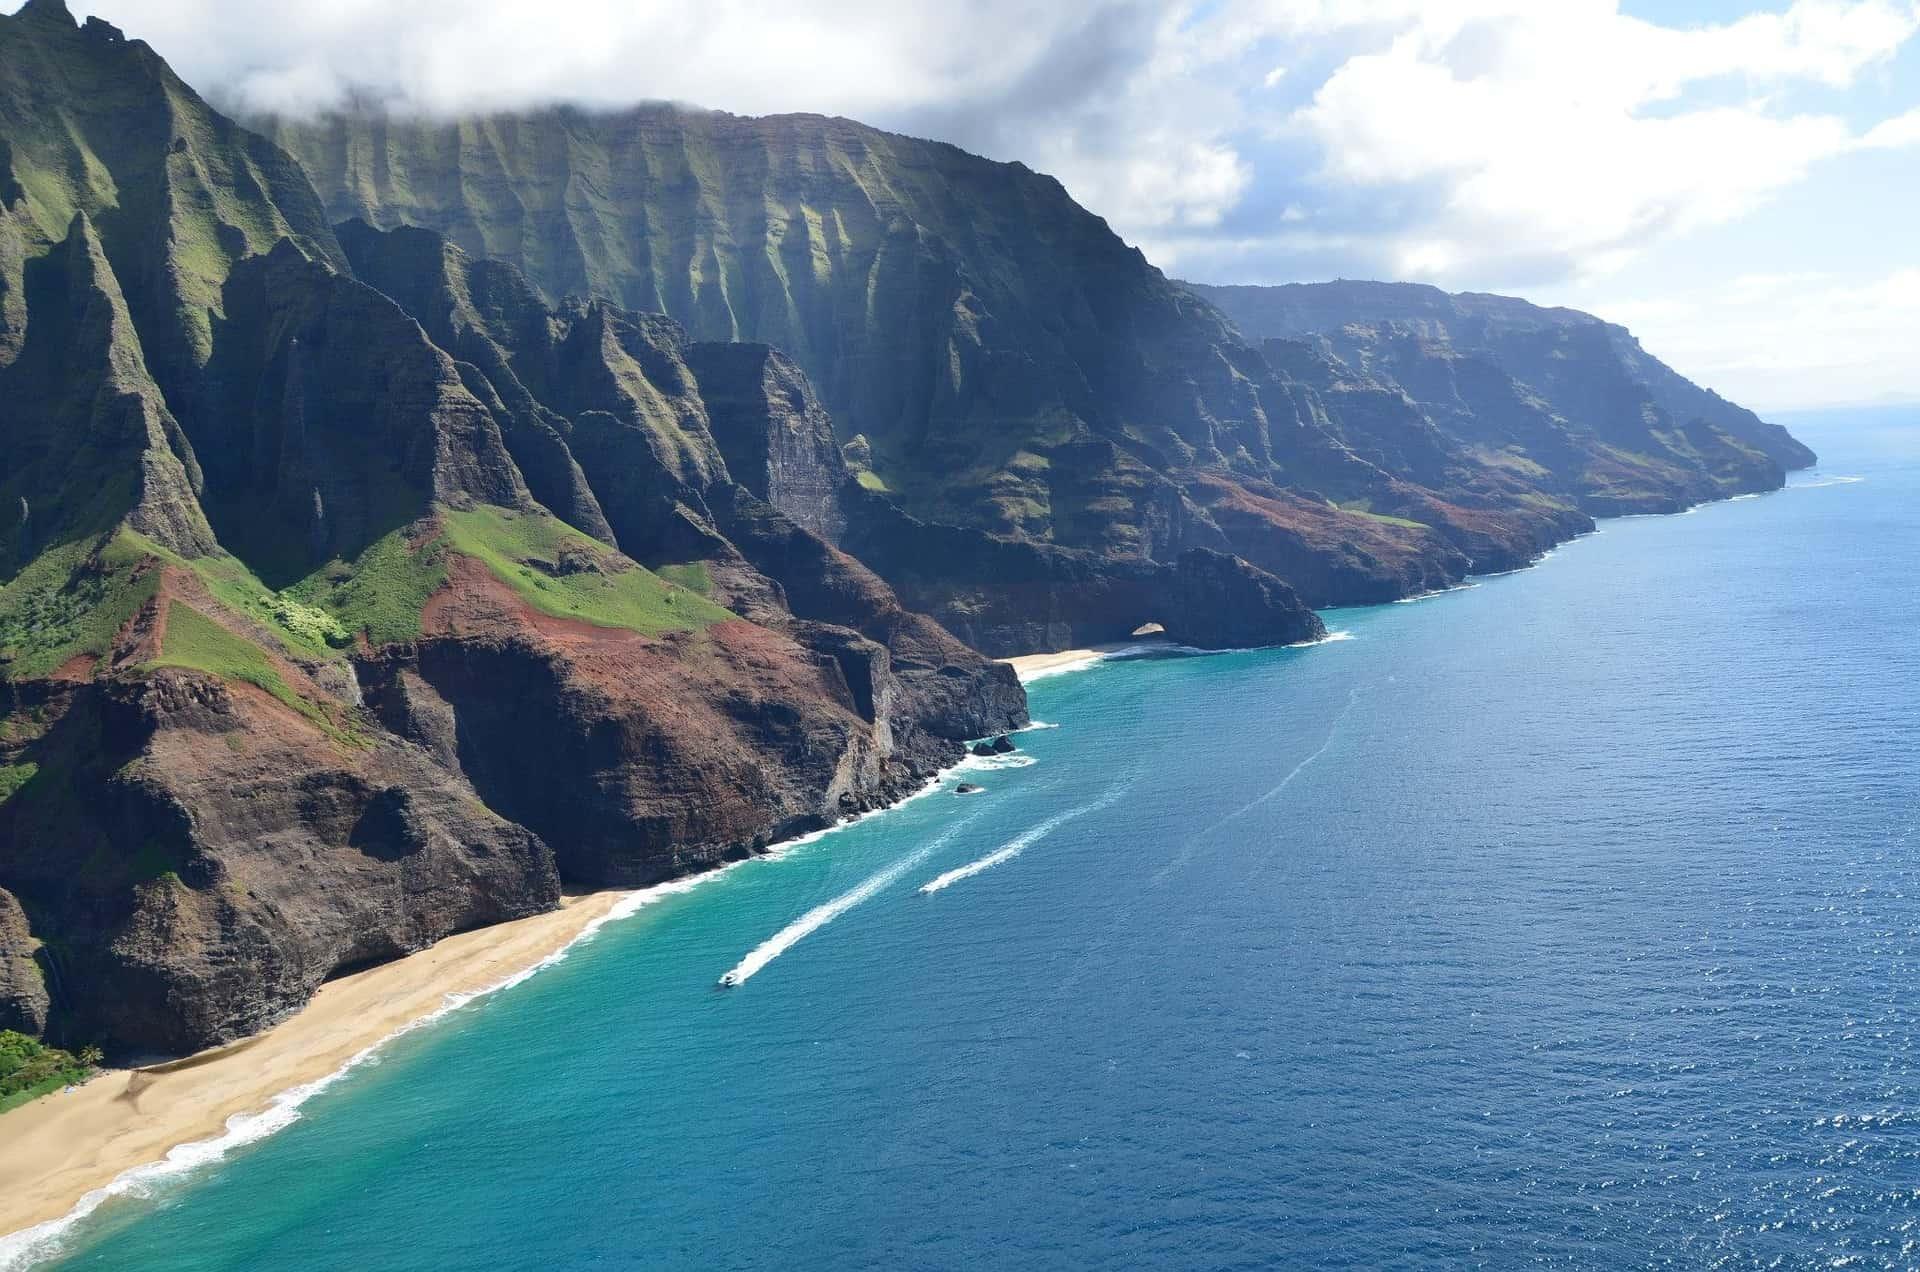 Kalalau Things to do in Kauai